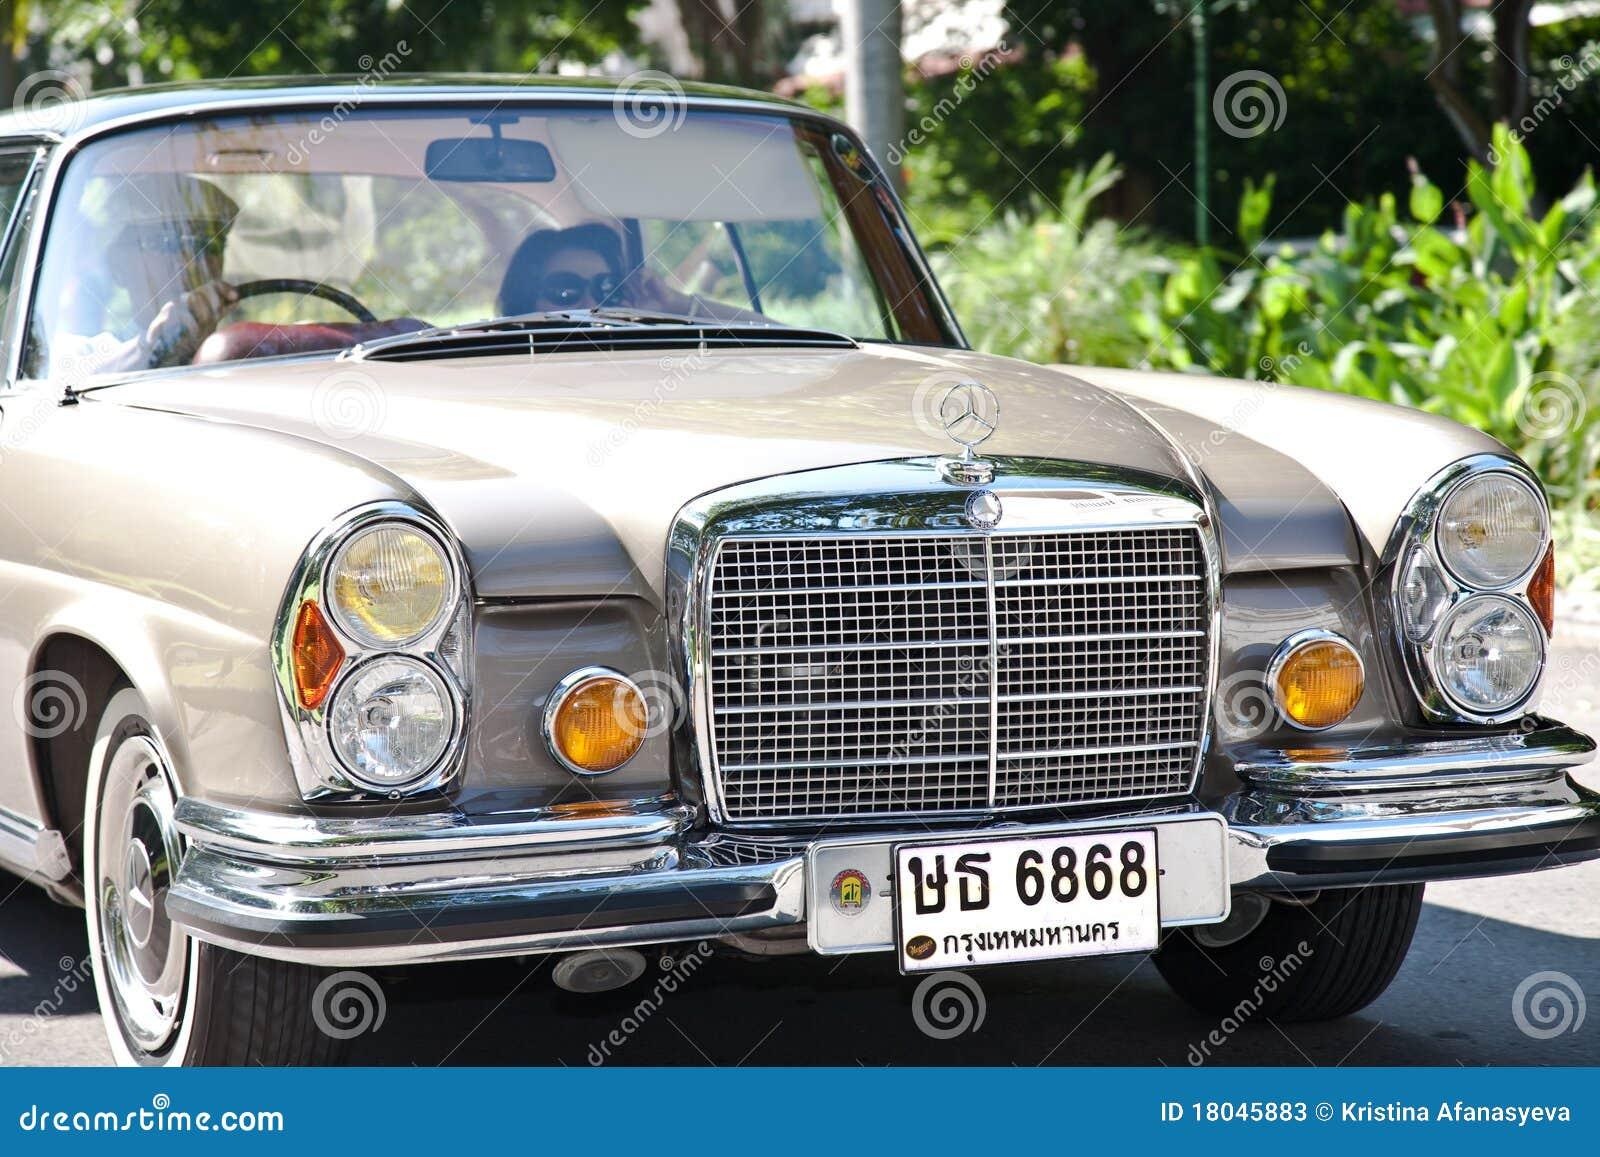 Mercedes benz se coupe on vintage car parade editorial for Mercedes benz retro